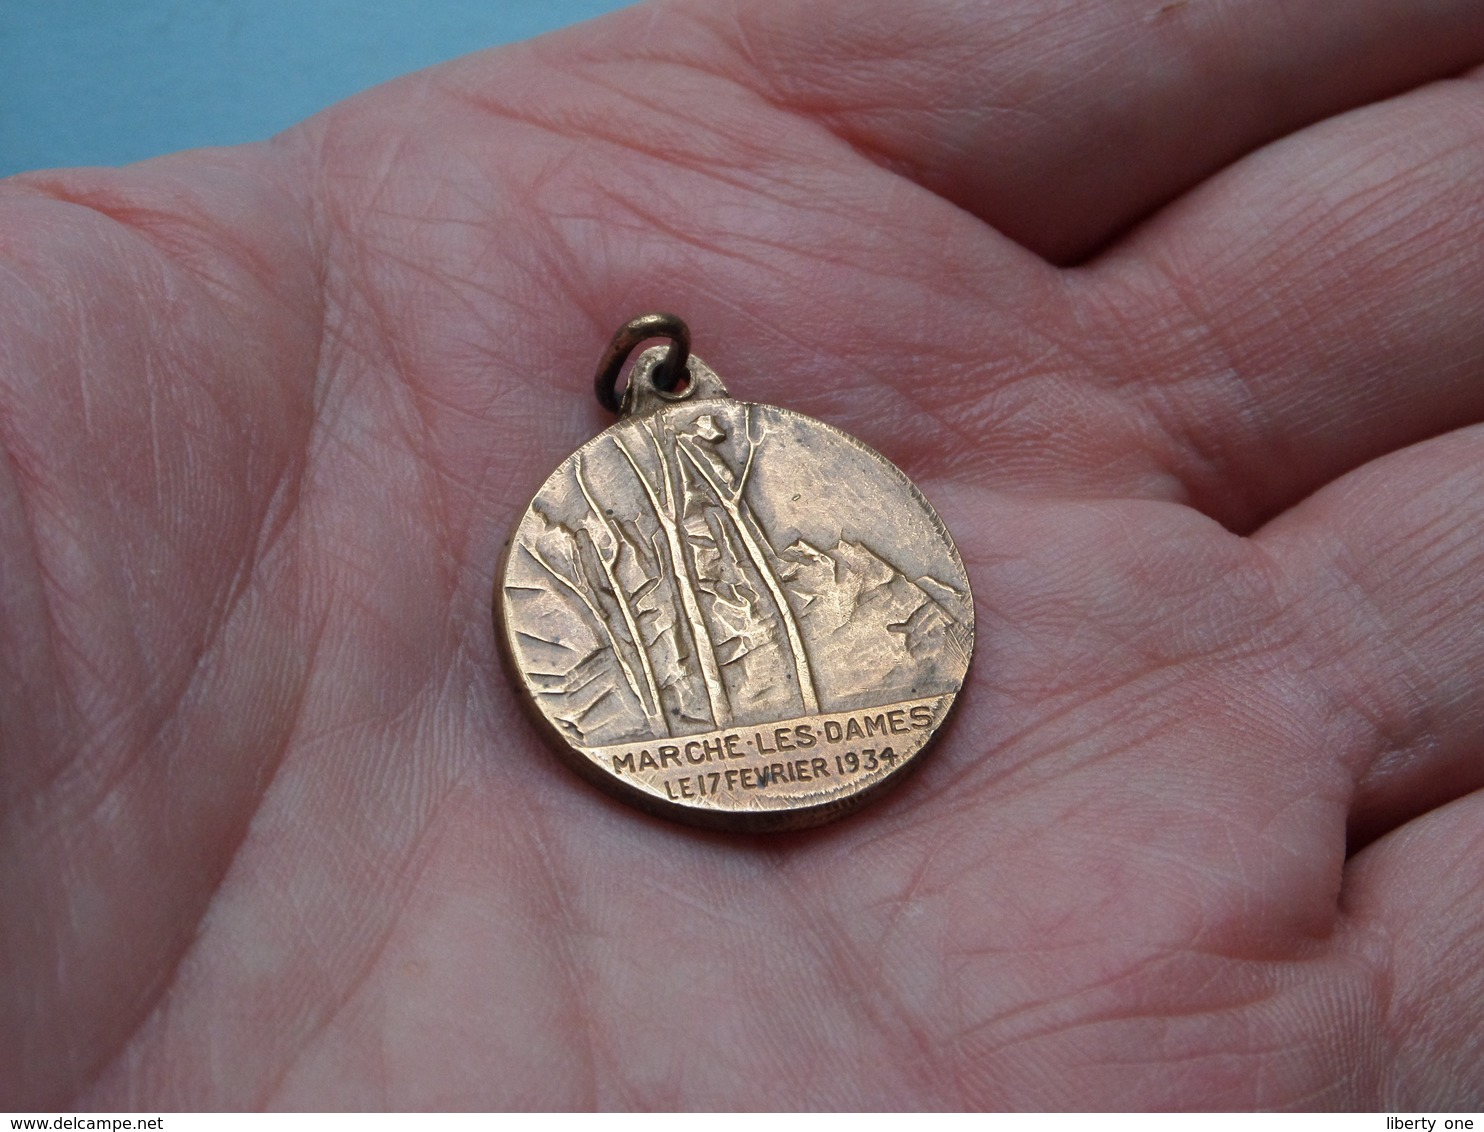 MARCHE-LES-DAMES Le 17 Février 1934 - KONING ALBERT ( P. De Soete / Zie / Voir Photo ) Medaillon 23 Mm. - 7 Gram ! - Belgique